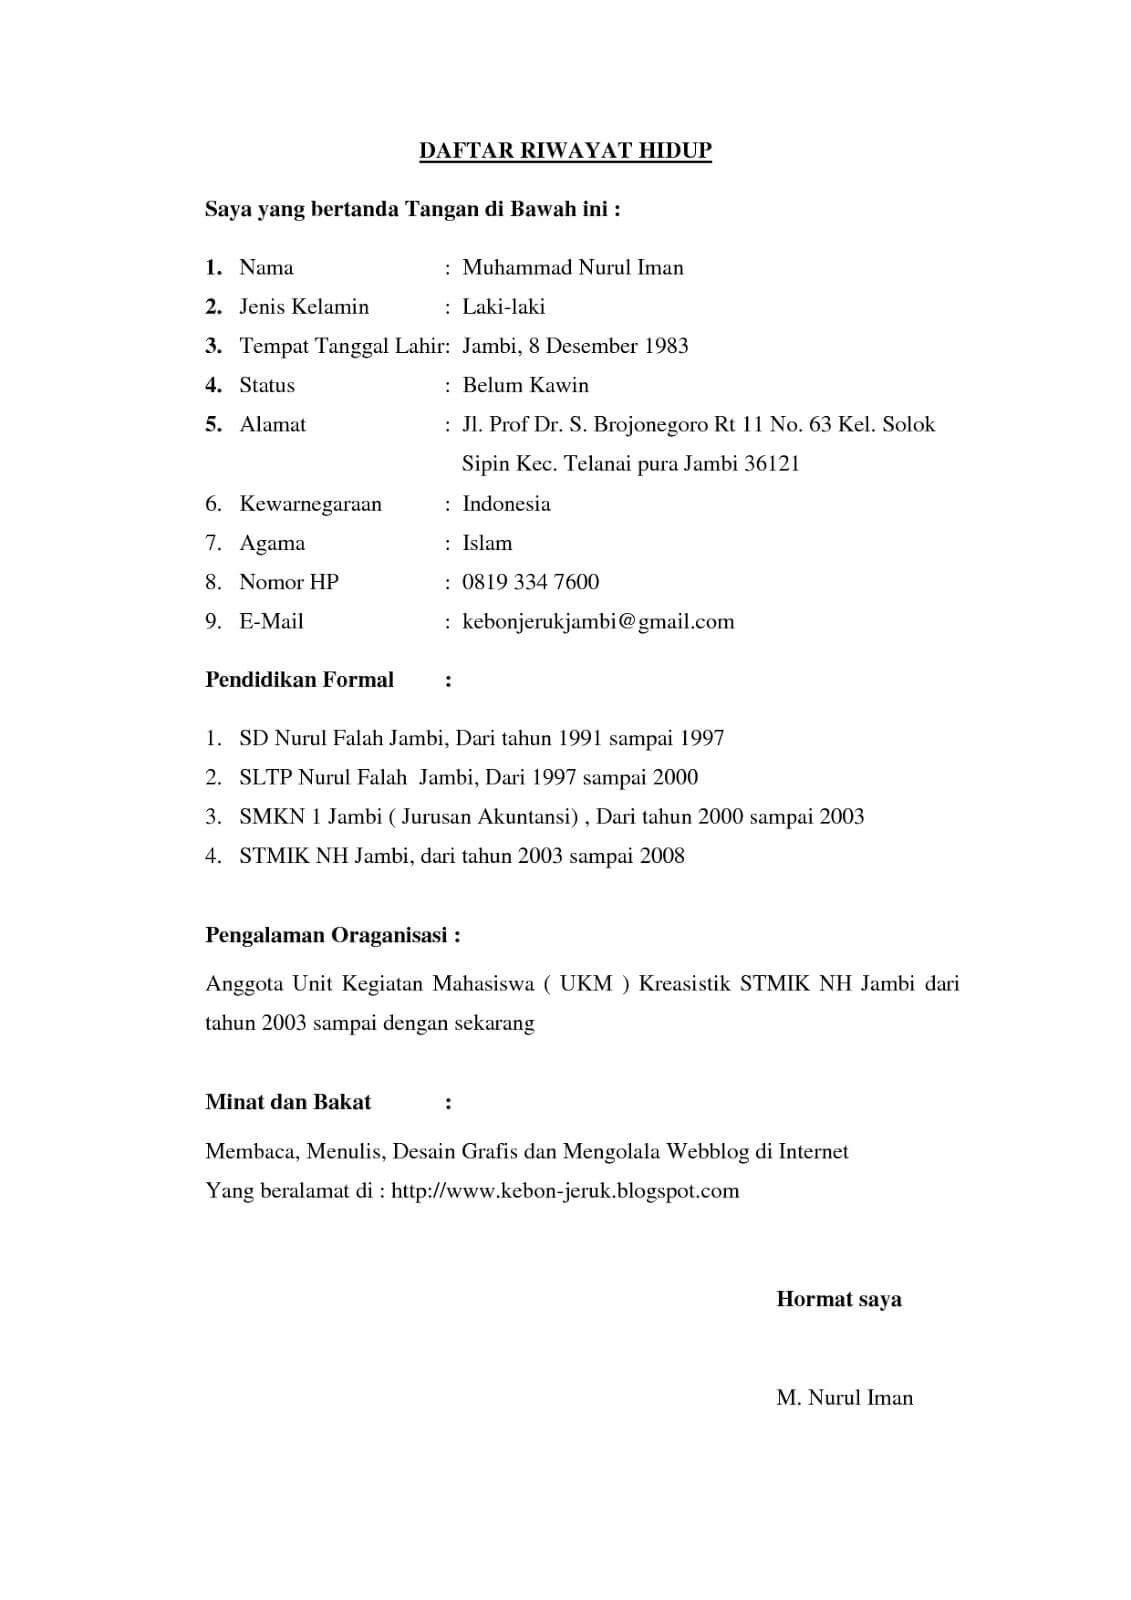 7 Contoh Surat Lamaran Kerja Sederhana Contoh Surat